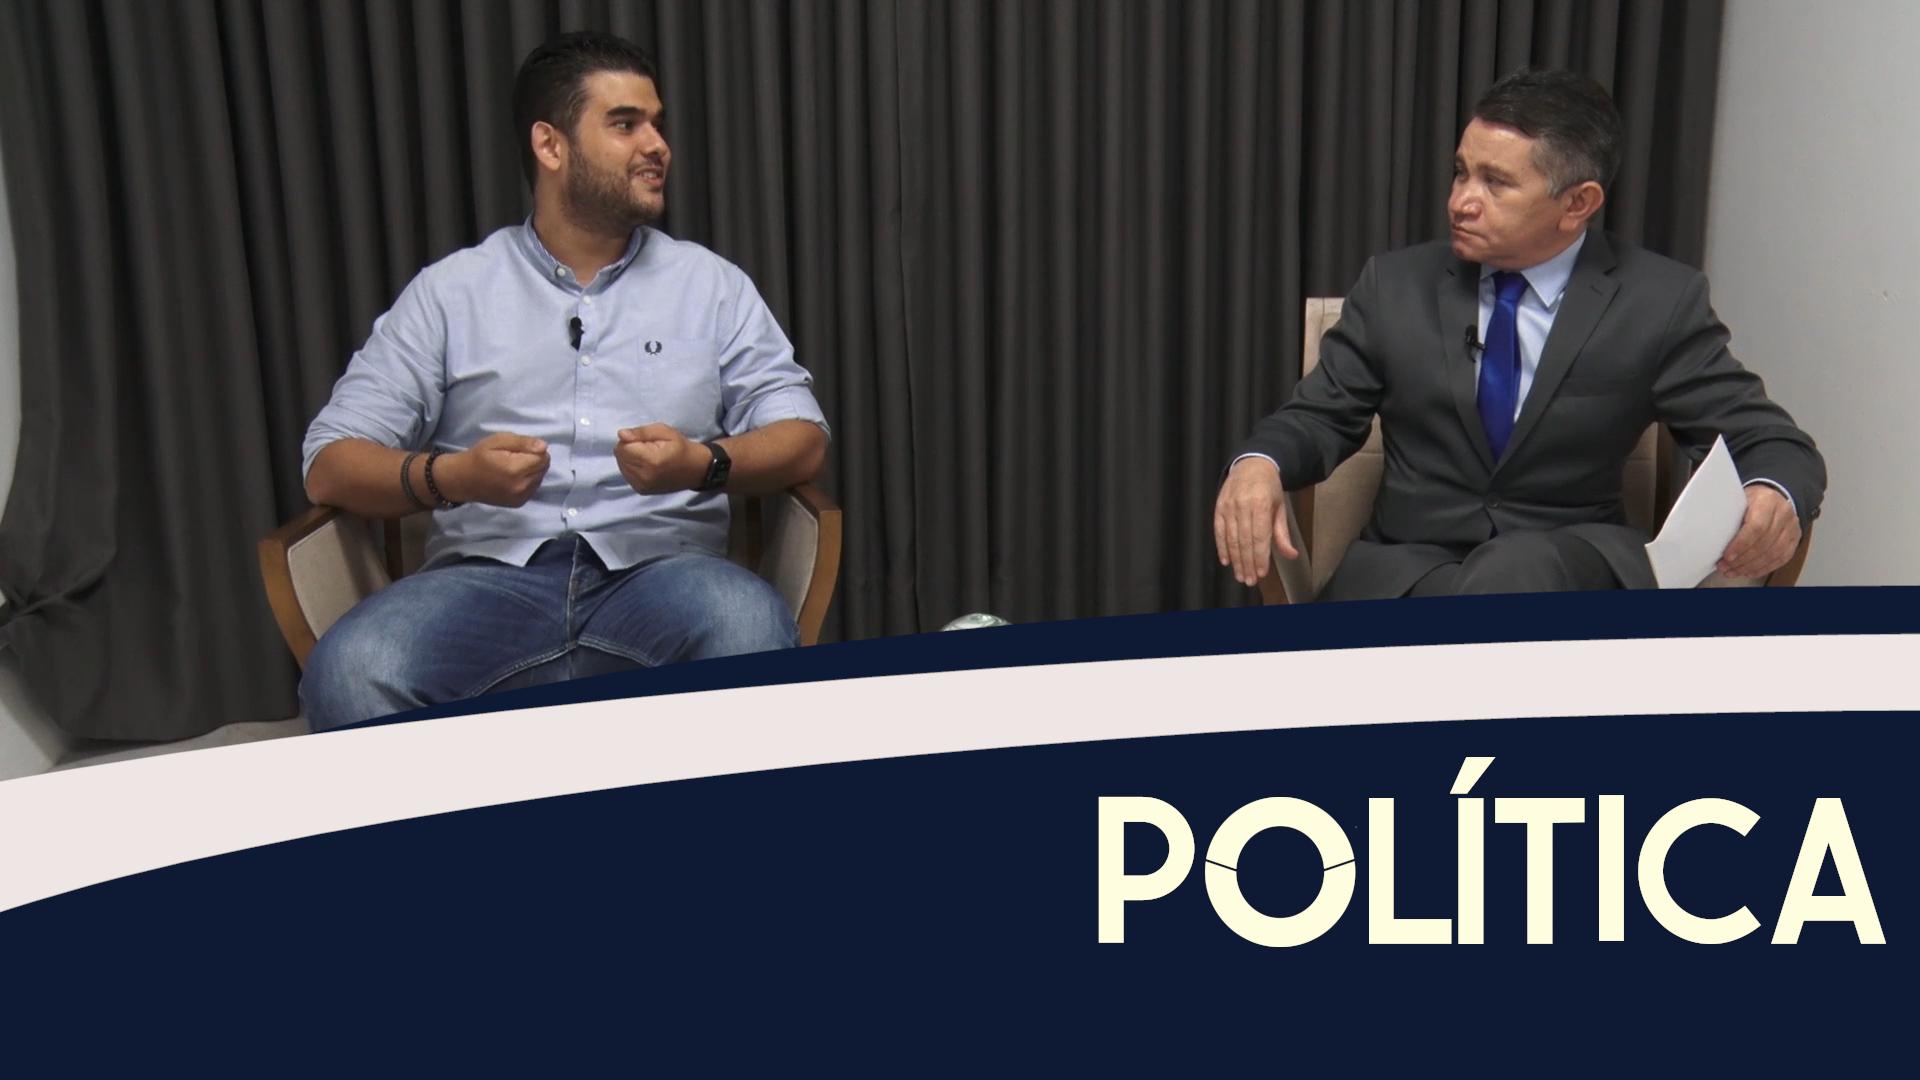 Política entrevista David Benevides, Prefeito de Redenção – CE